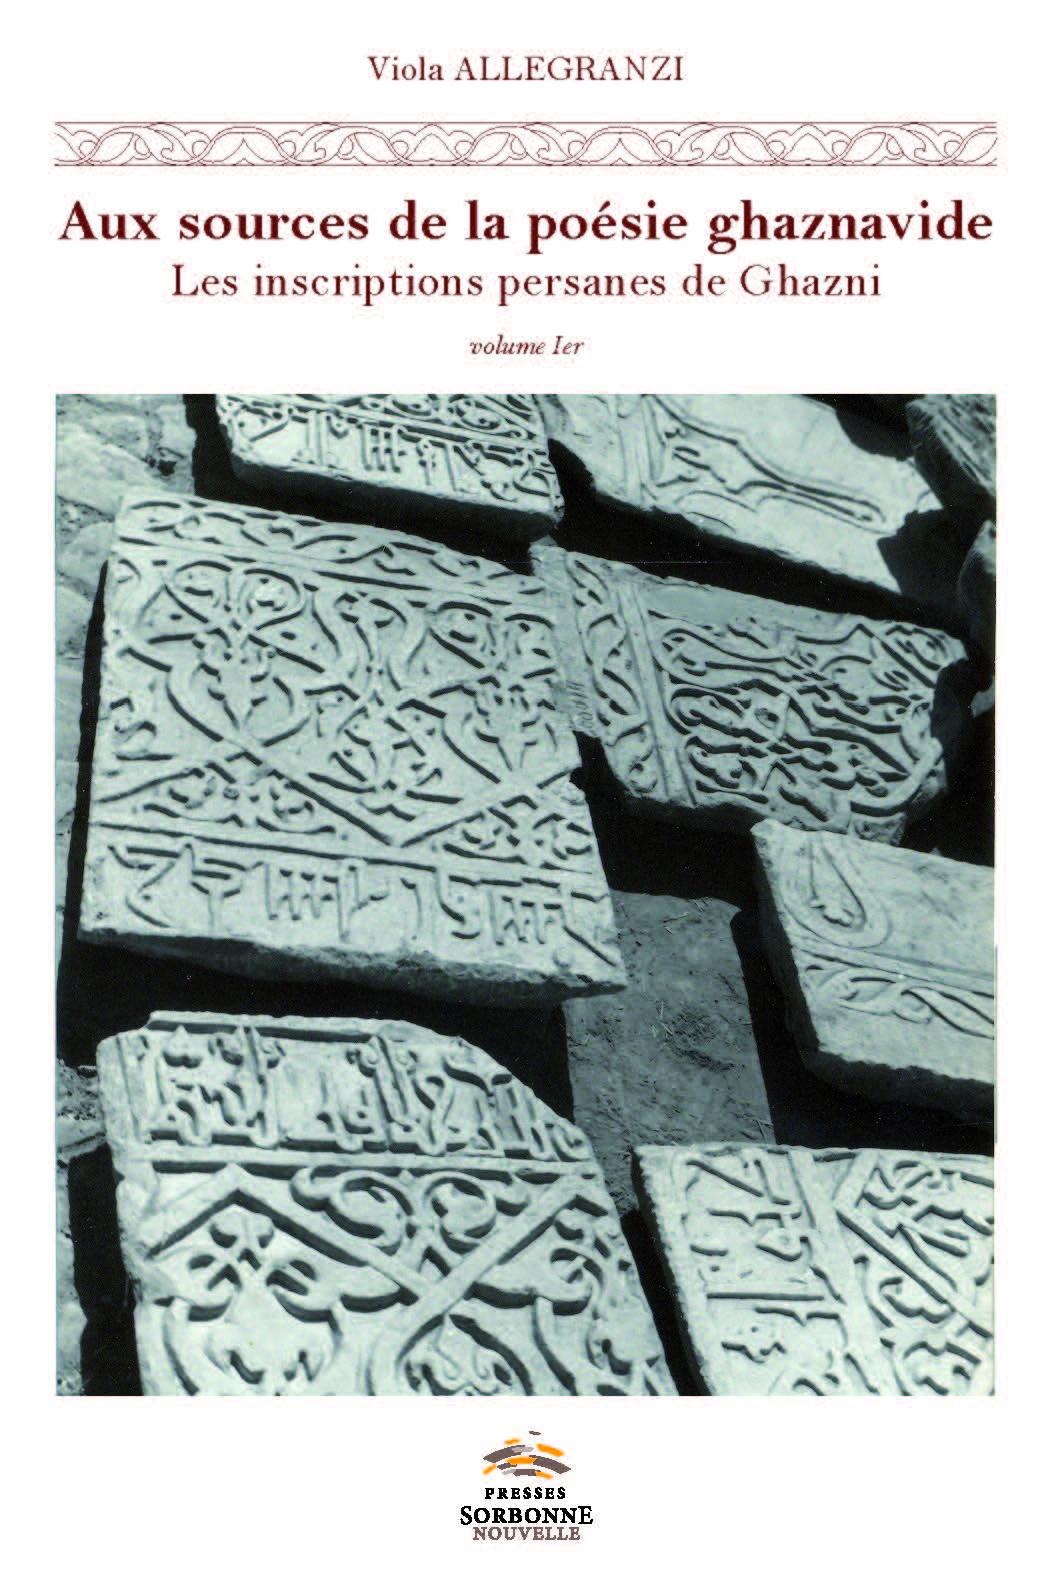 V. Allegranzi, Aux sources de la poésie ghaznavide. Les inscriptions persanes de Ghazni (Afghanistan, XI-XIIe s.)